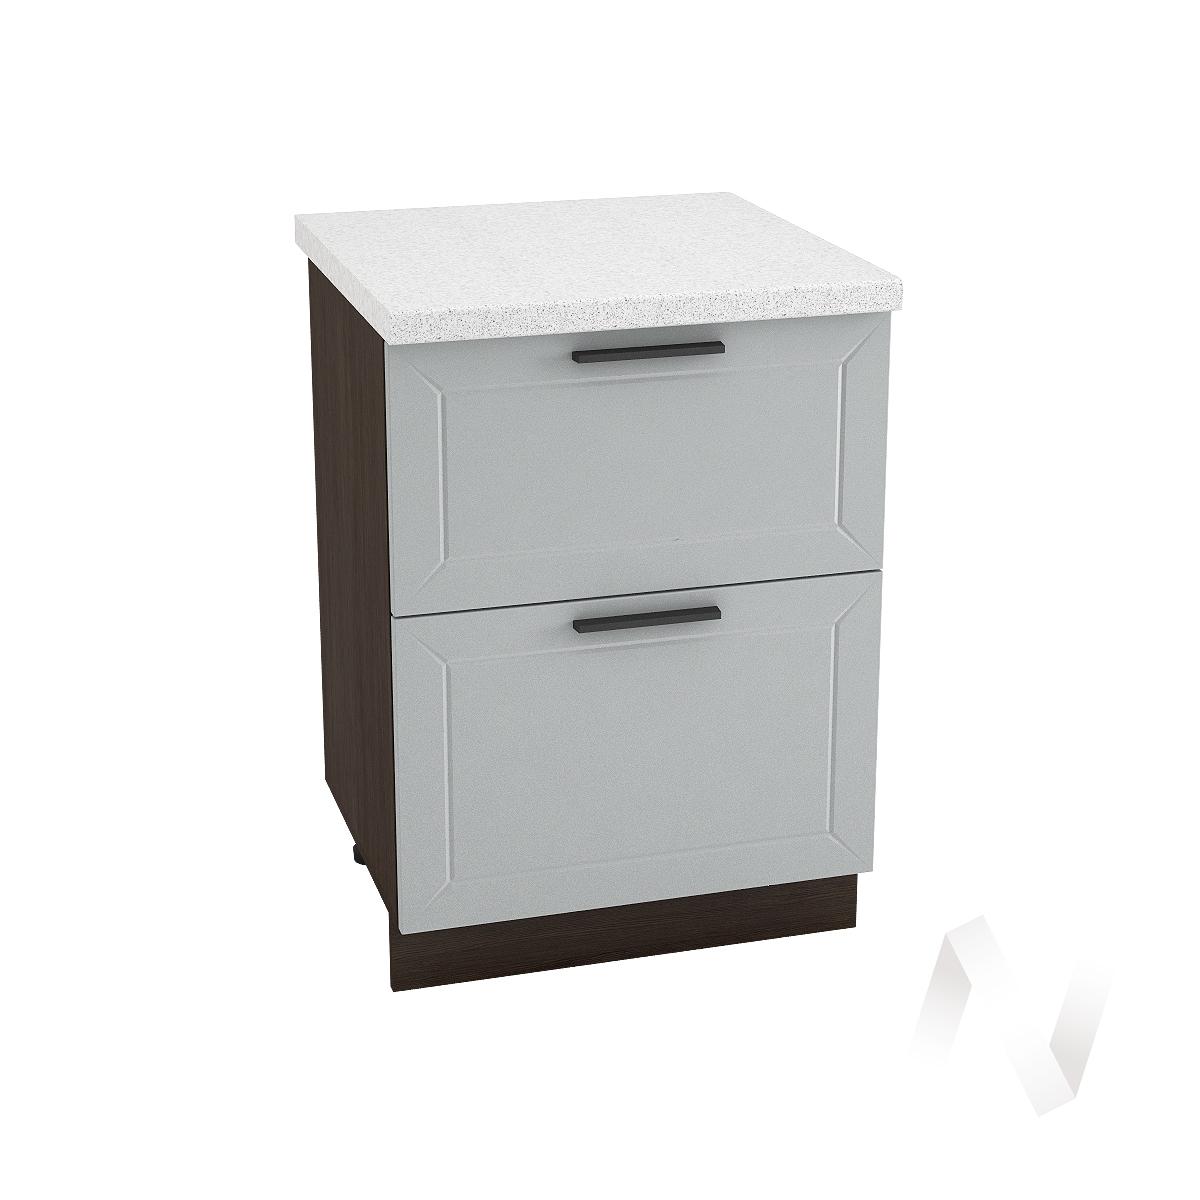 """Кухня """"Глетчер"""": Шкаф нижний с 2-мя ящиками 600, ШН2Я 600 (Гейнсборо Силк/корпус венге)"""